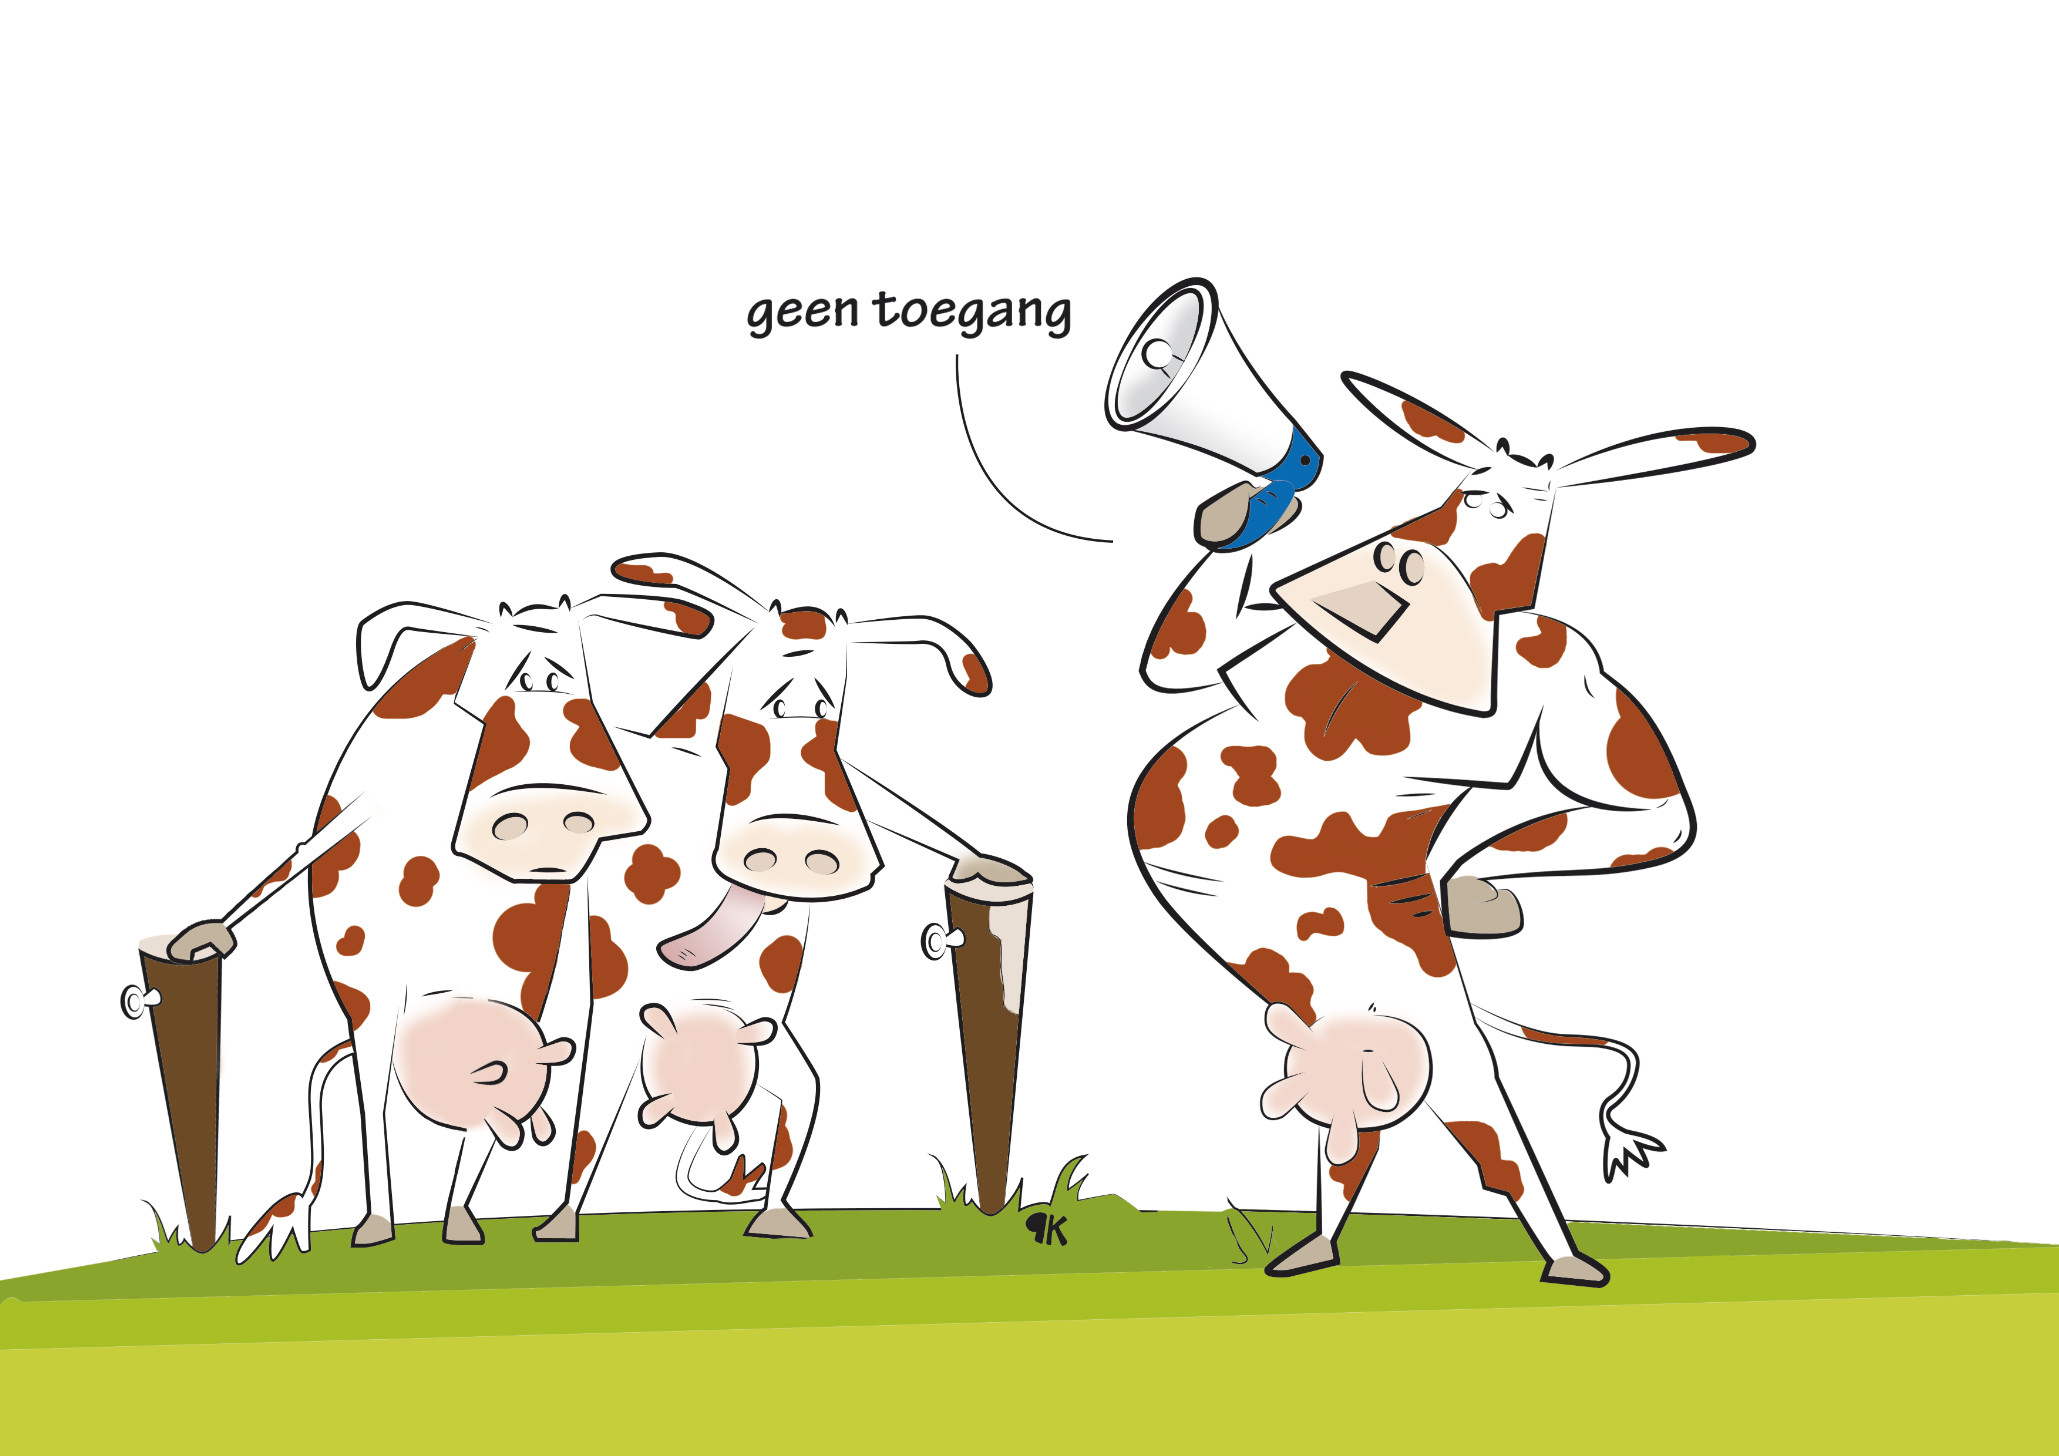 Weinig verrassingen in sobere landbouwbegroting